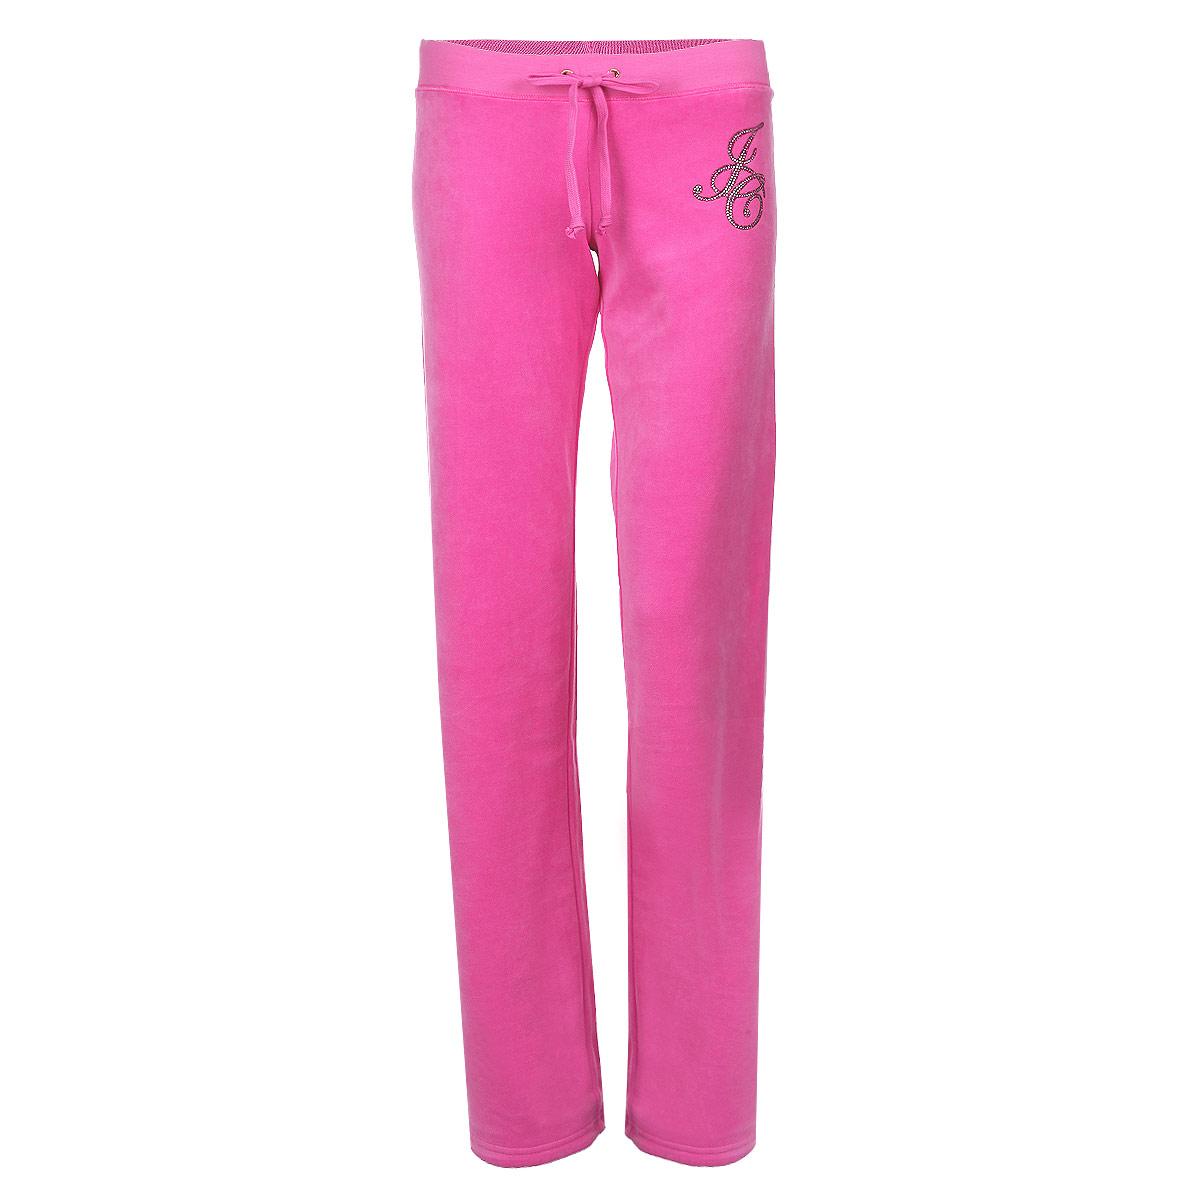 БрюкиJG008274/FRSEСтильные женские спортивные брюки Juicy Couture выполнены из нежного велюрового материала, очень мягкие на ощупь, не раздражают даже самую нежную и чувствительную кожу и хорошо вентилируются. Модель прямого свободного кроя на широком поясе. Притачной эластичный пояс обеспечивает комфортную посадку брюк, дополнен текстильным шнуром. Модель оформлена аппликацией из блесток и страз в виде букв JC. Такие брюки отлично подойдут для летних прогулок и спортивных занятий.